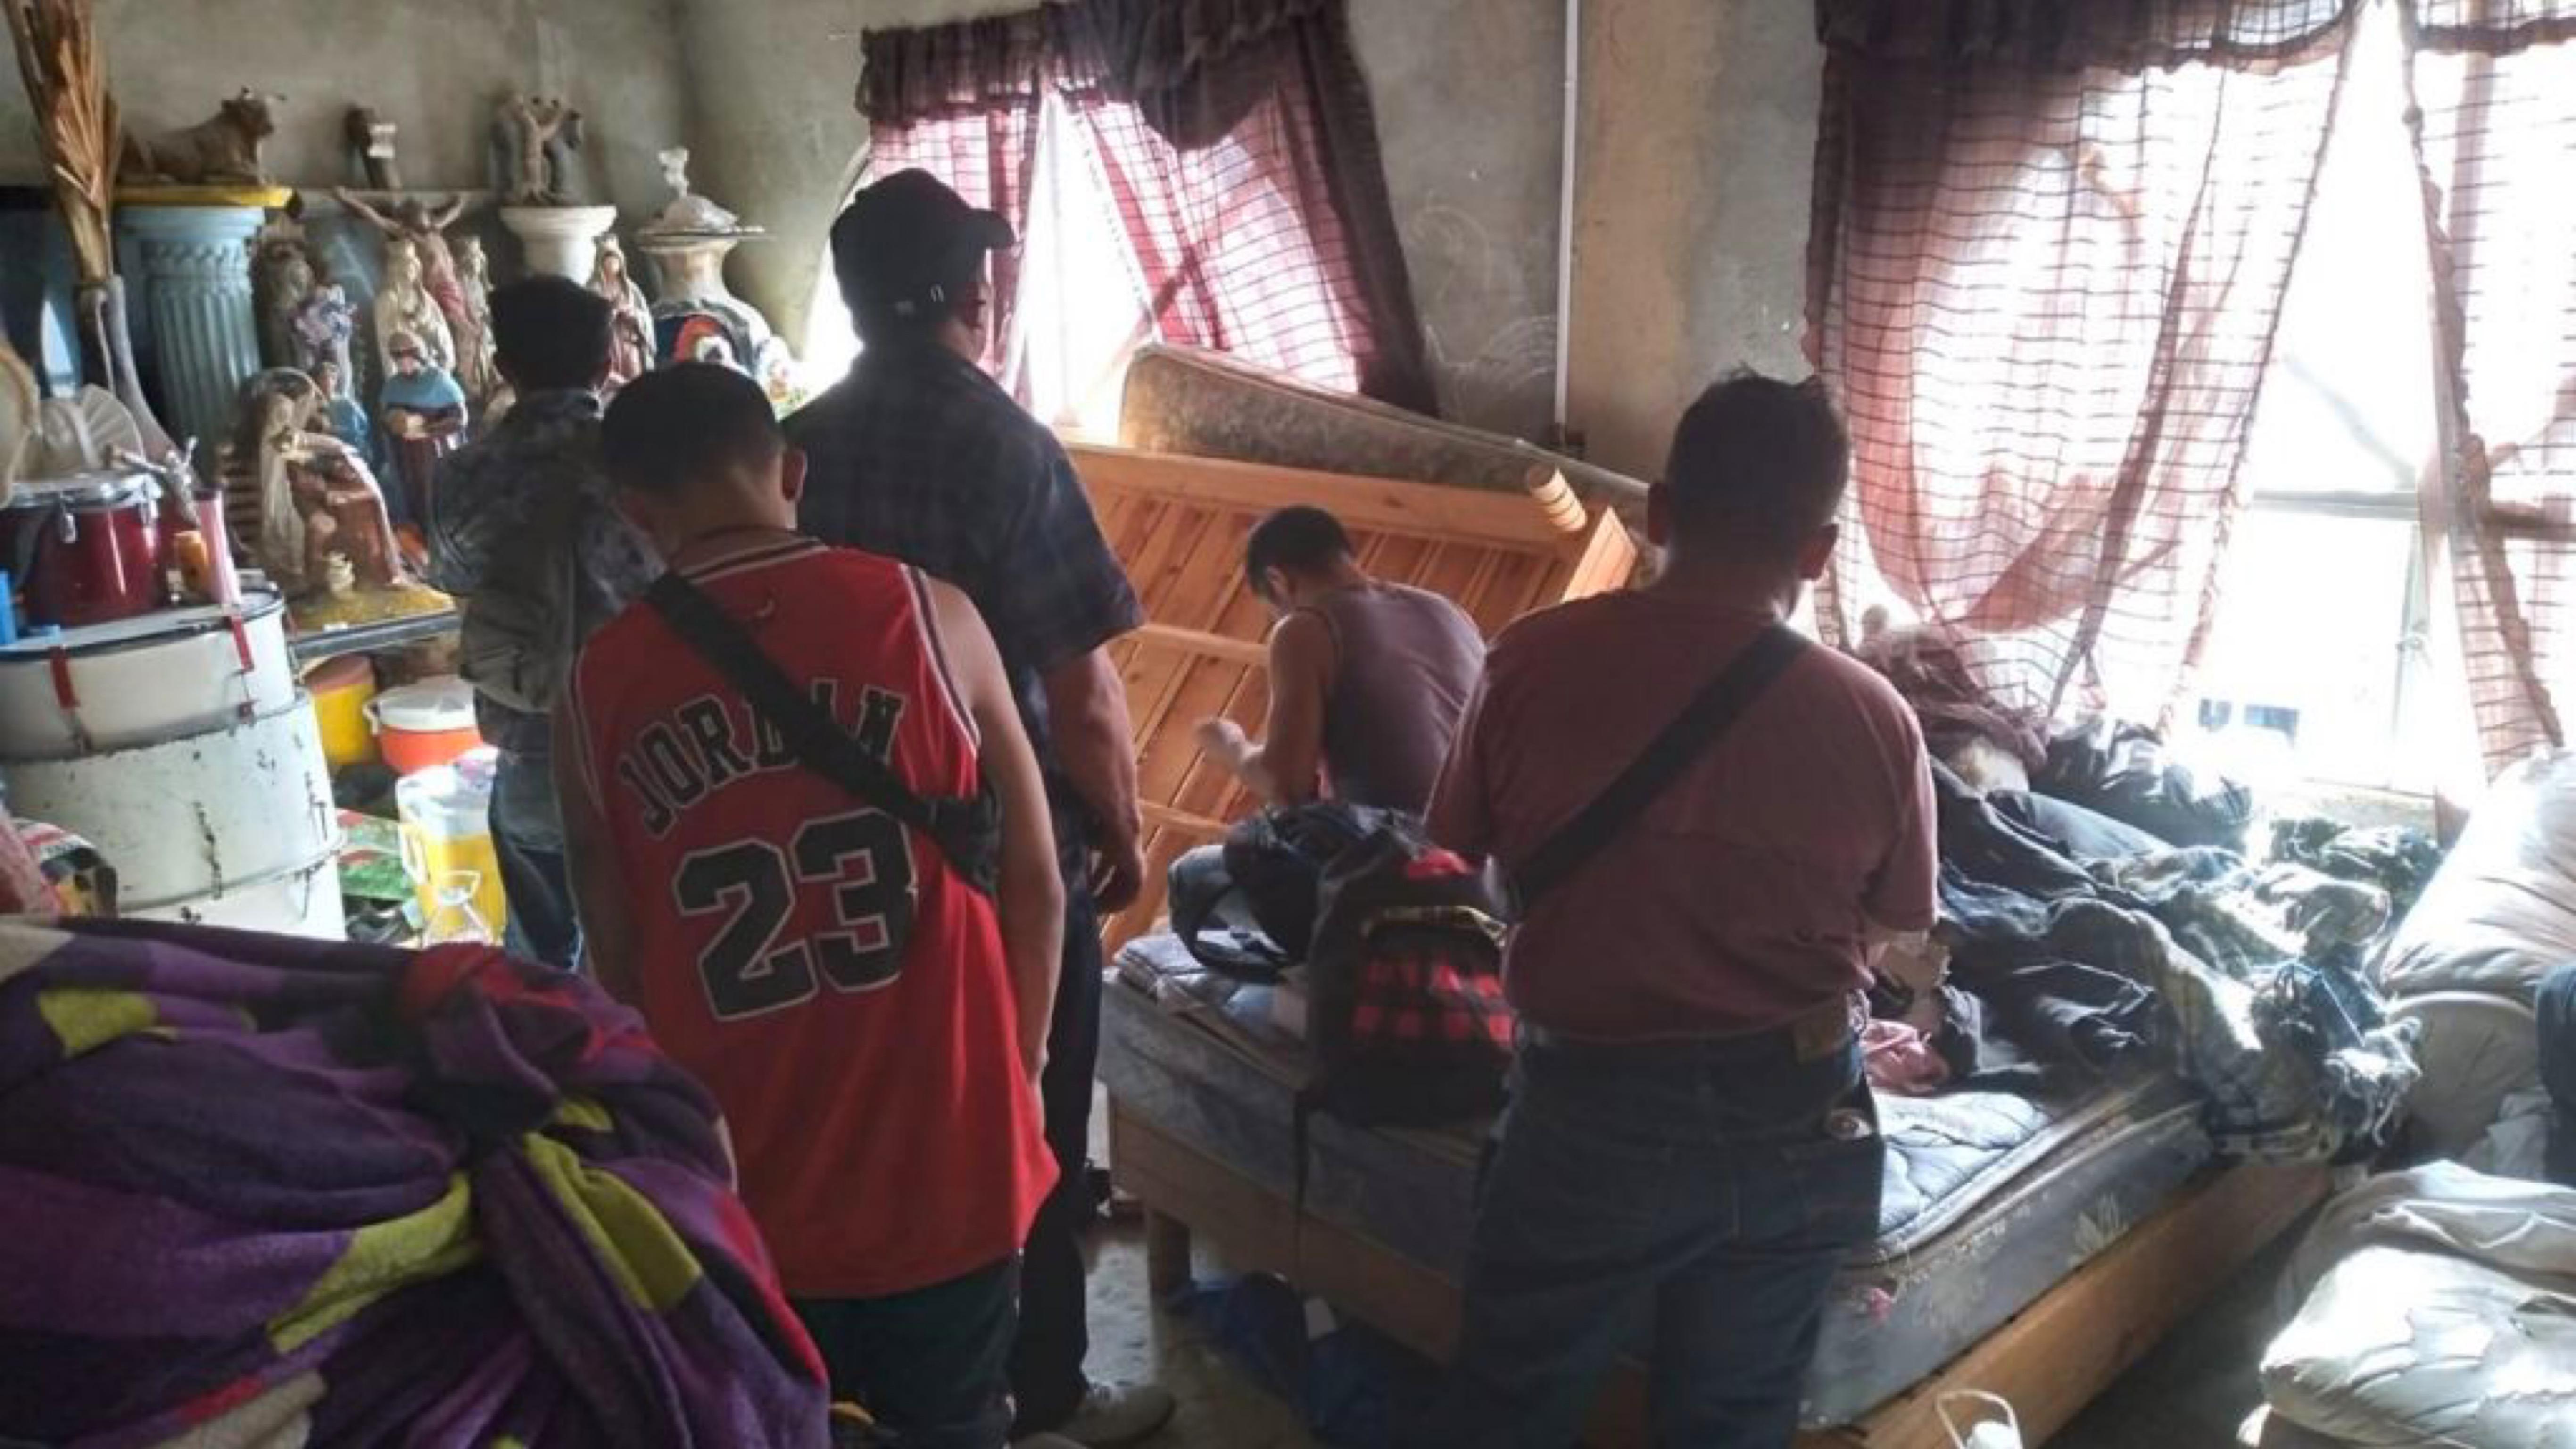 Migrantes-rescatados-en-viviendas-de-Juarez